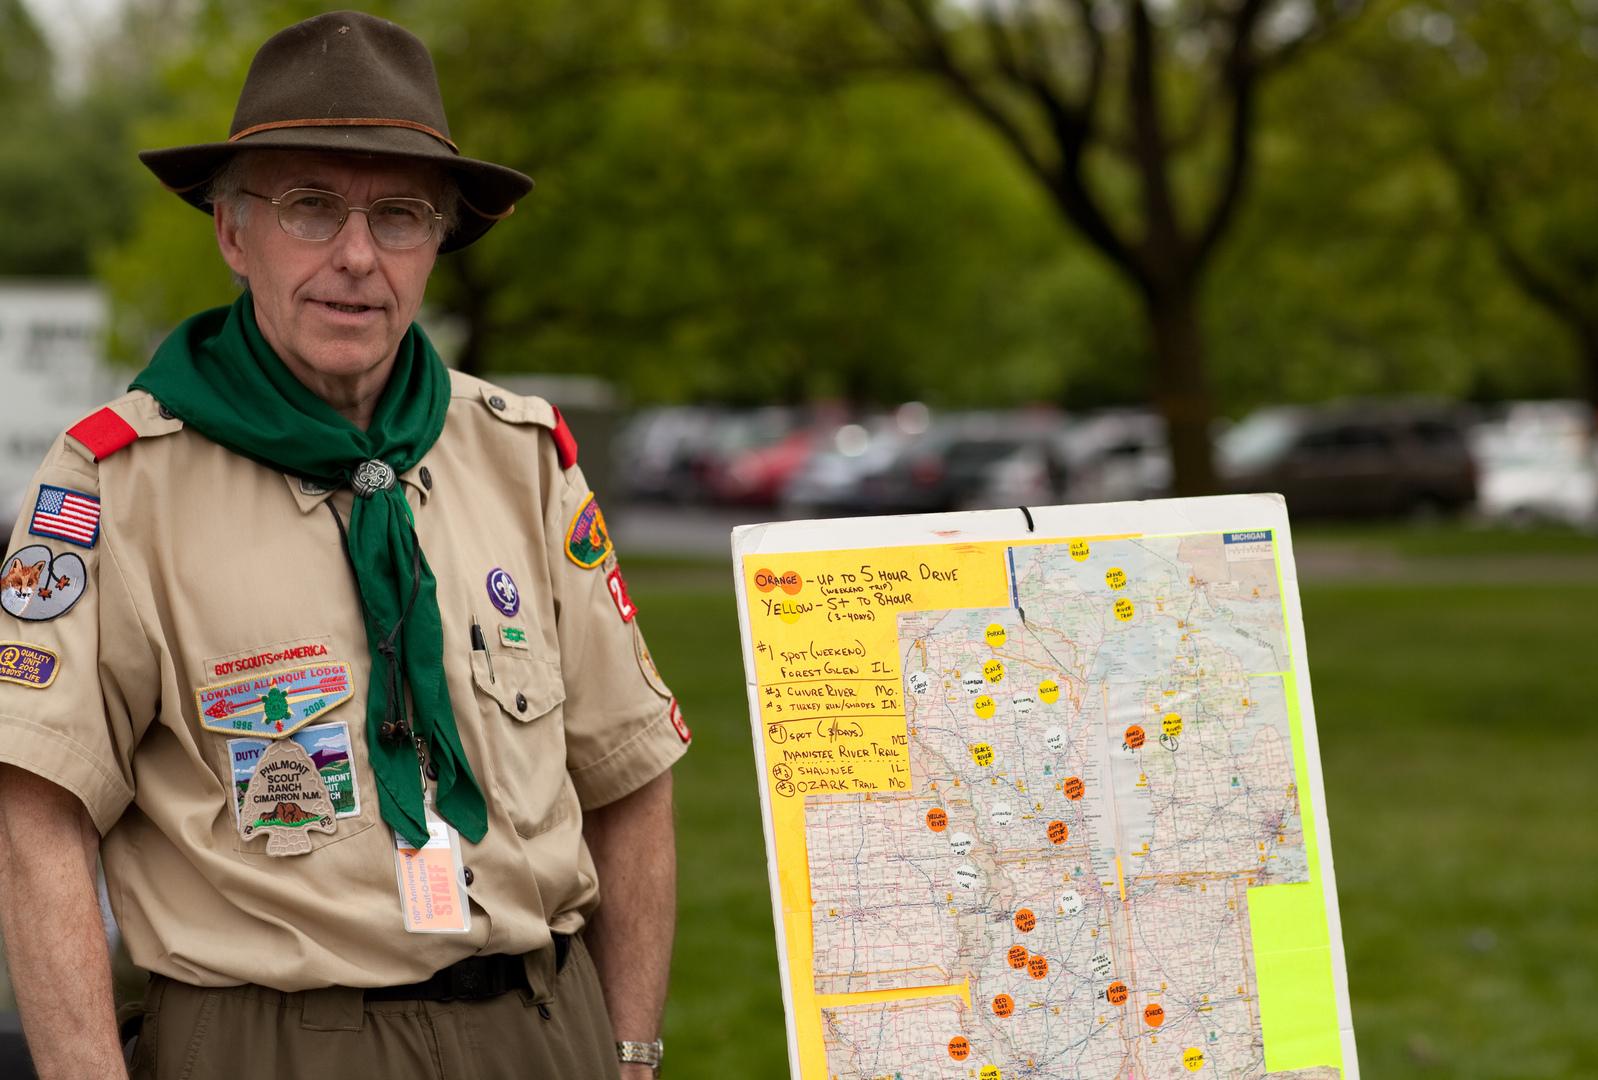 Boy Scouts 100th 478.jpg